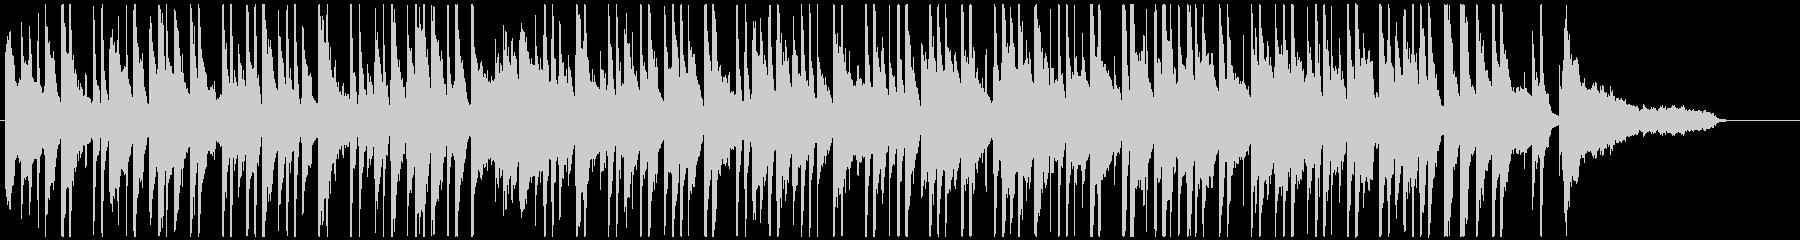 オシャレなラウンジ風のボサノバ(短め)の未再生の波形